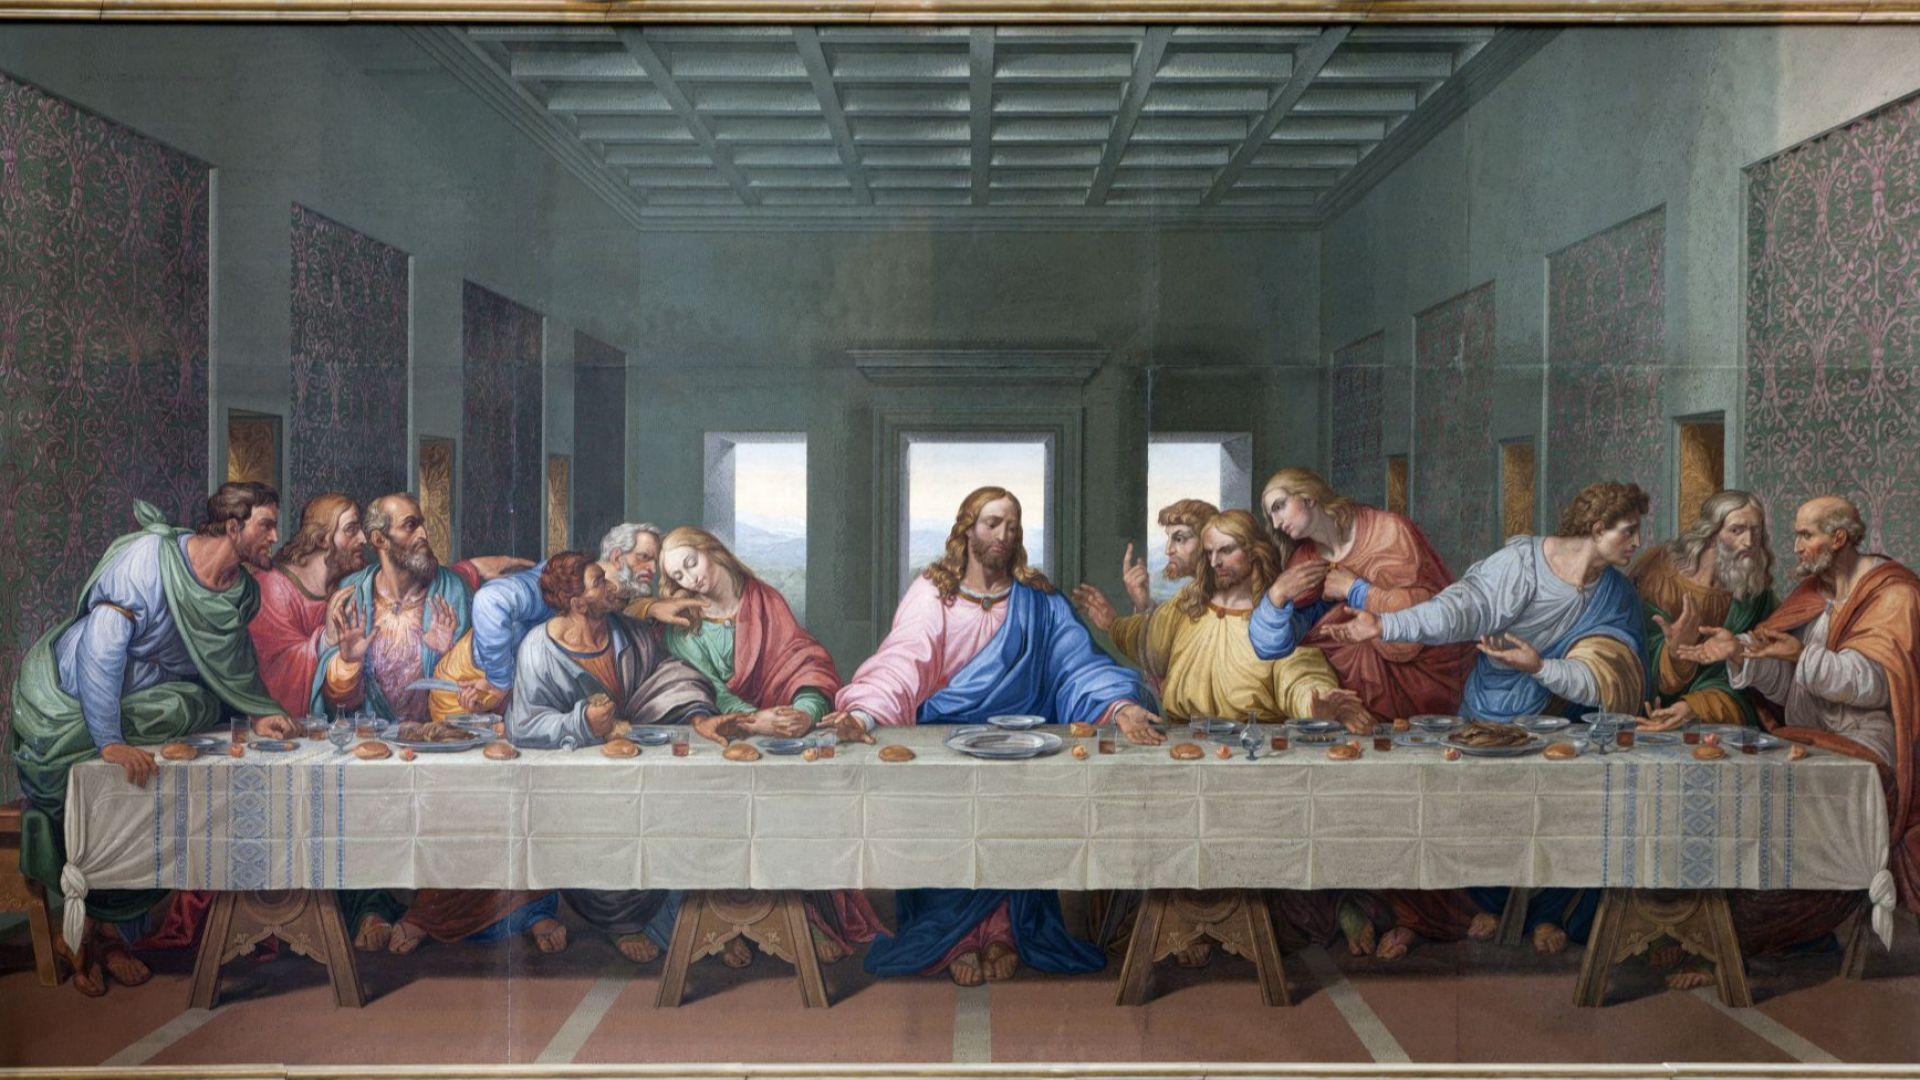 Велики четвъртък - Тайната вечеря на Исус Христос с апостолите